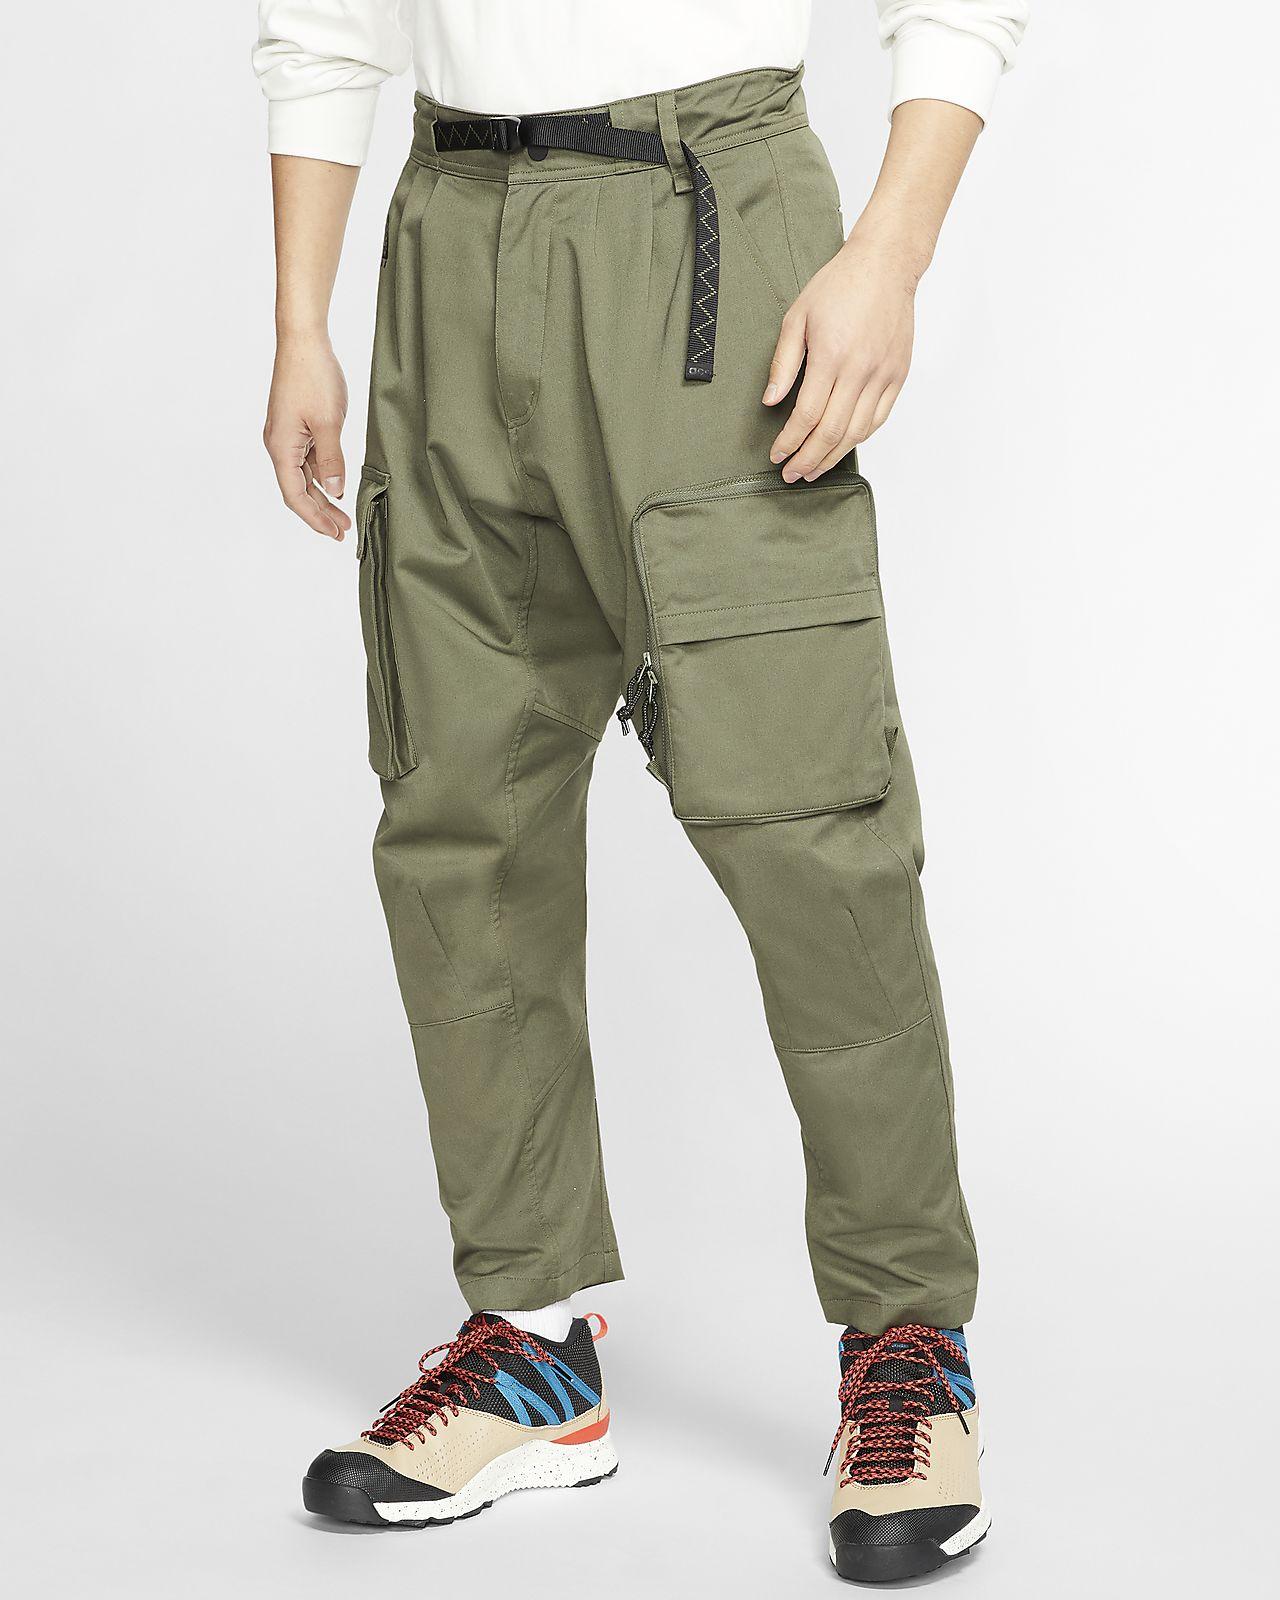 Pantaloni cargo in tessuto woven Nike ACG - Uomo